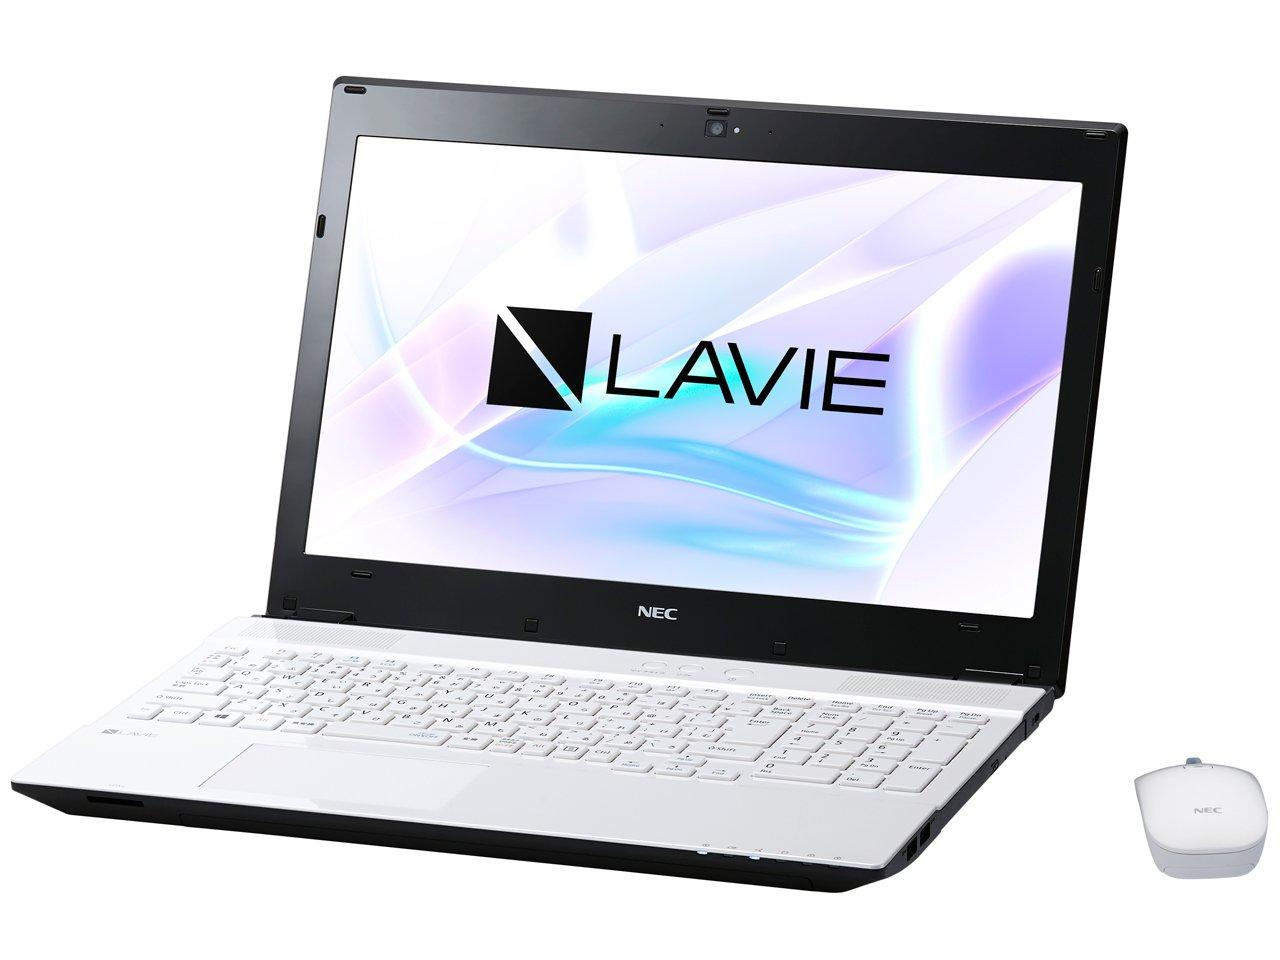 『4年保証』 NEC PC-NS350HAW LAVIE B073LBYDHN Note Standard PC-NS350HAW NEC B073LBYDHN, 大蔵村:c9eb08ee --- ballyshannonshow.com